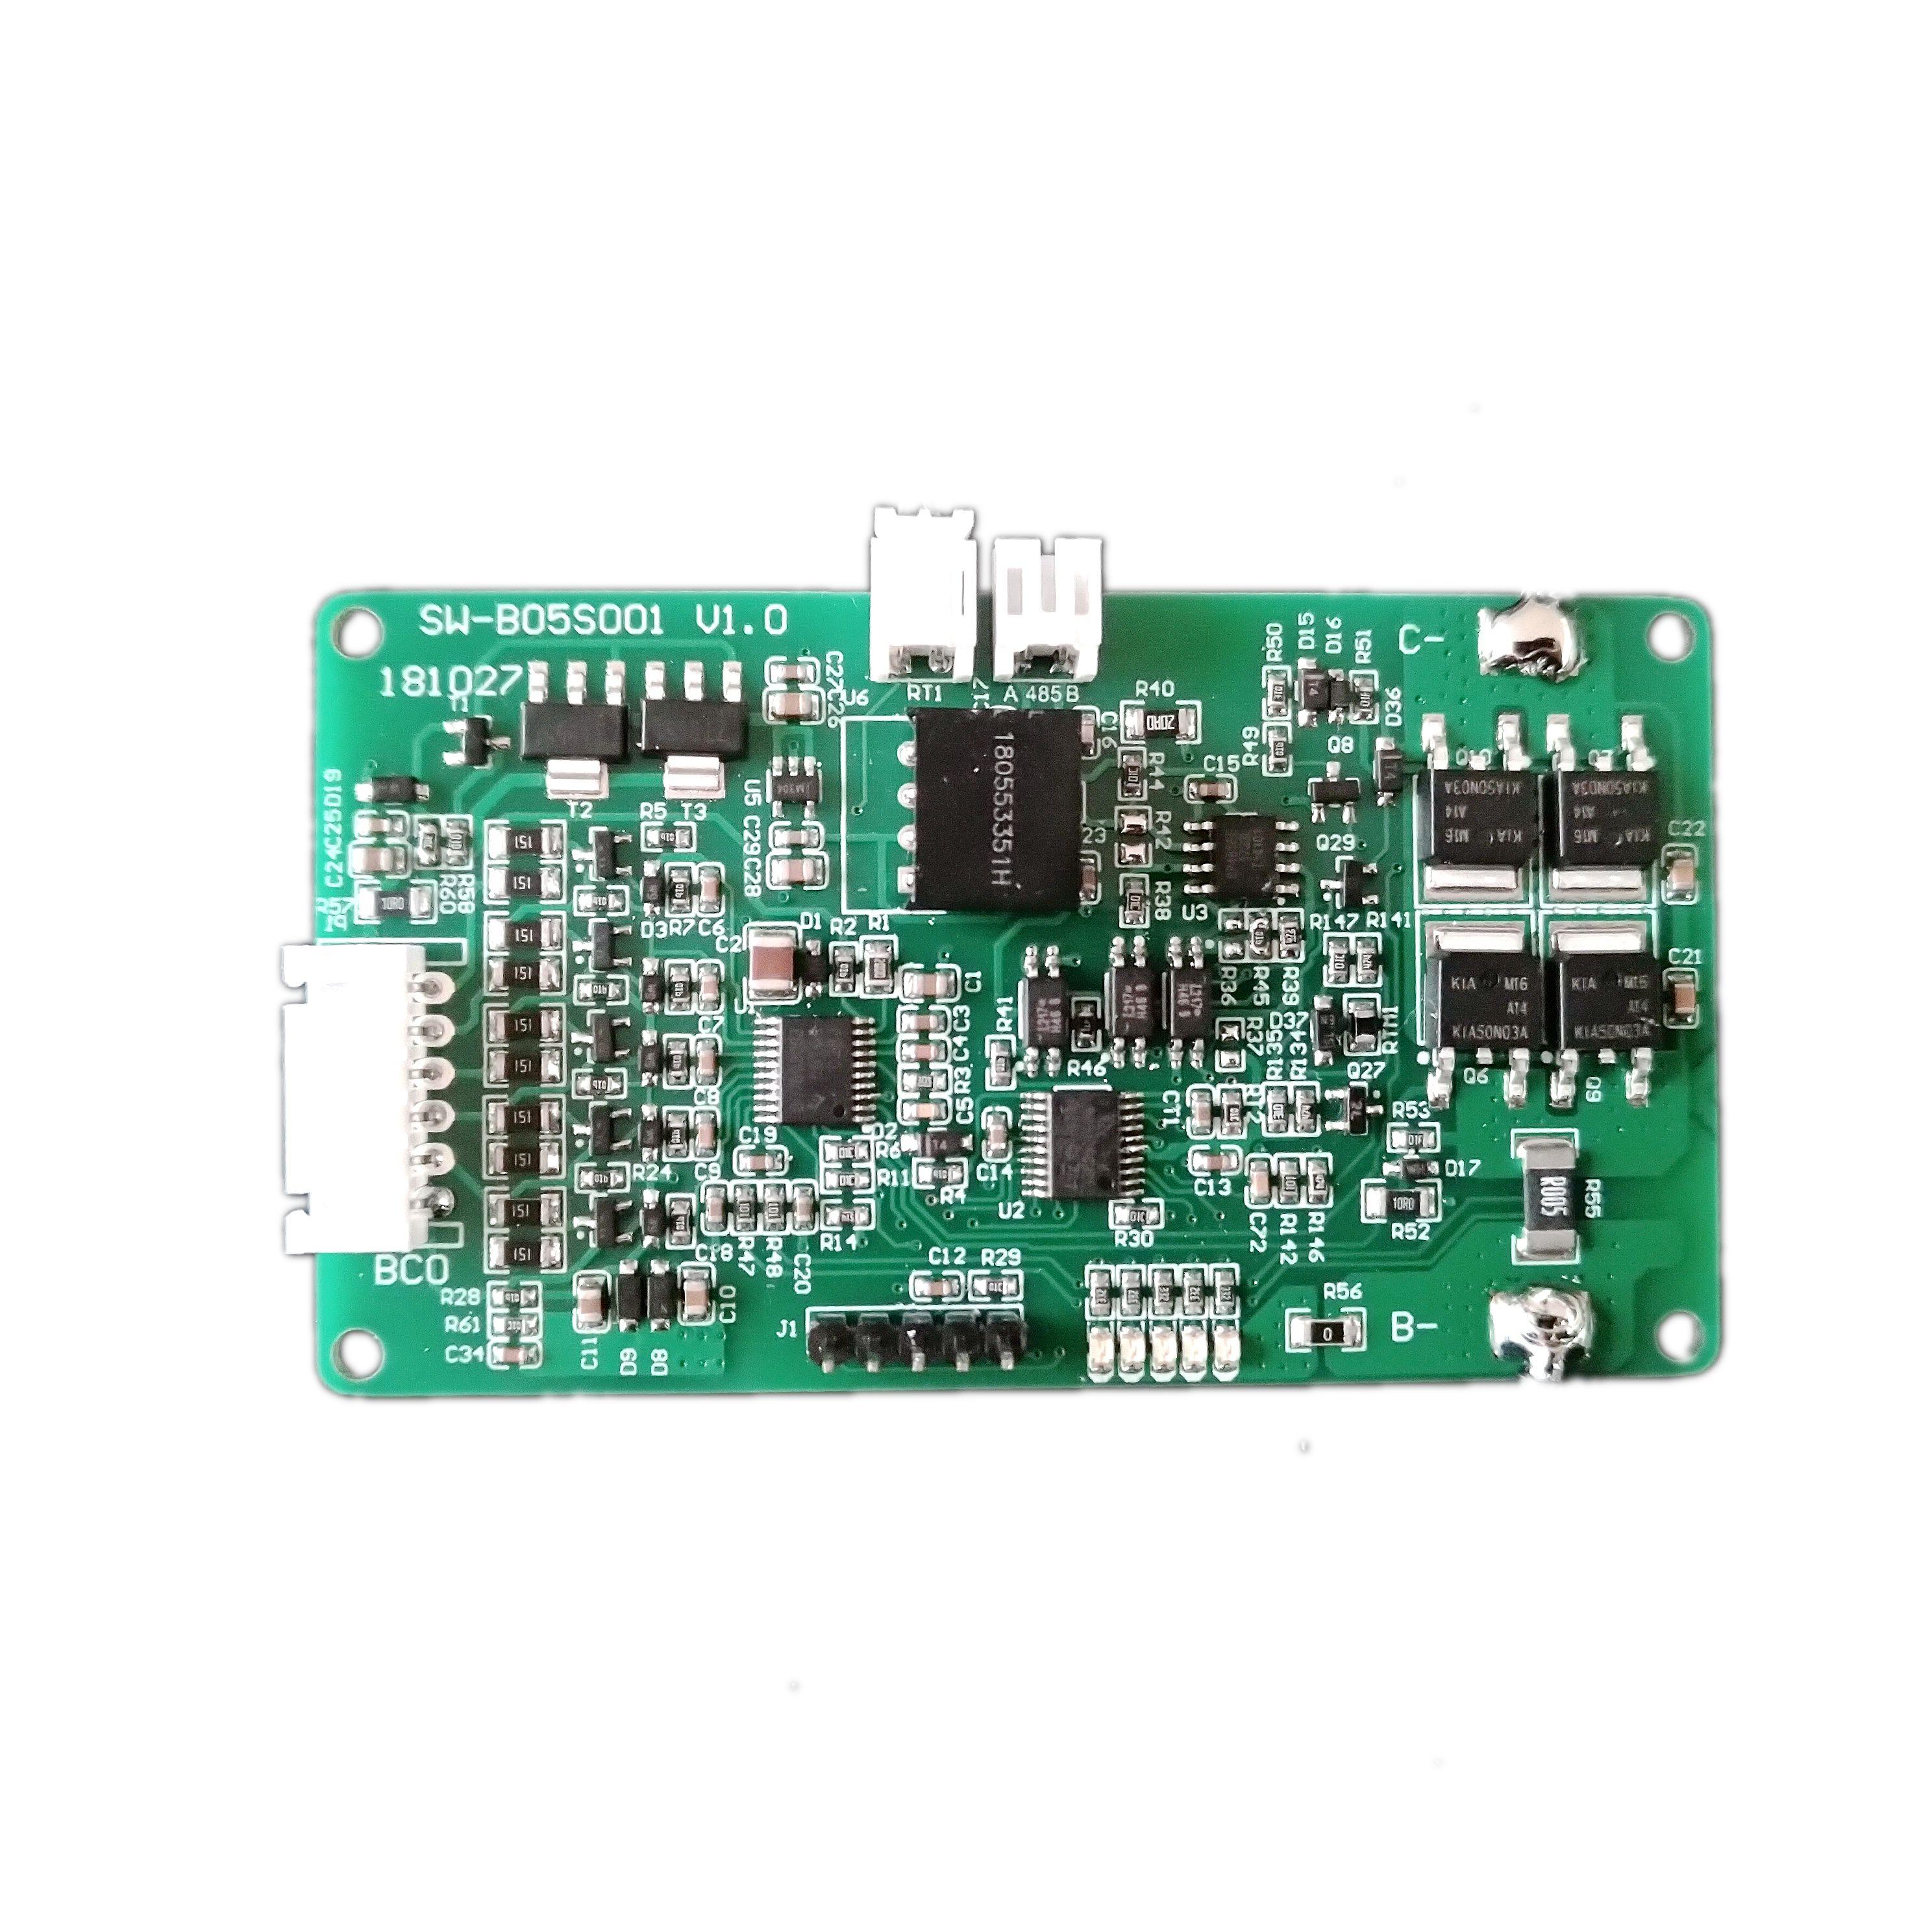 3-5串锂电智能保护板